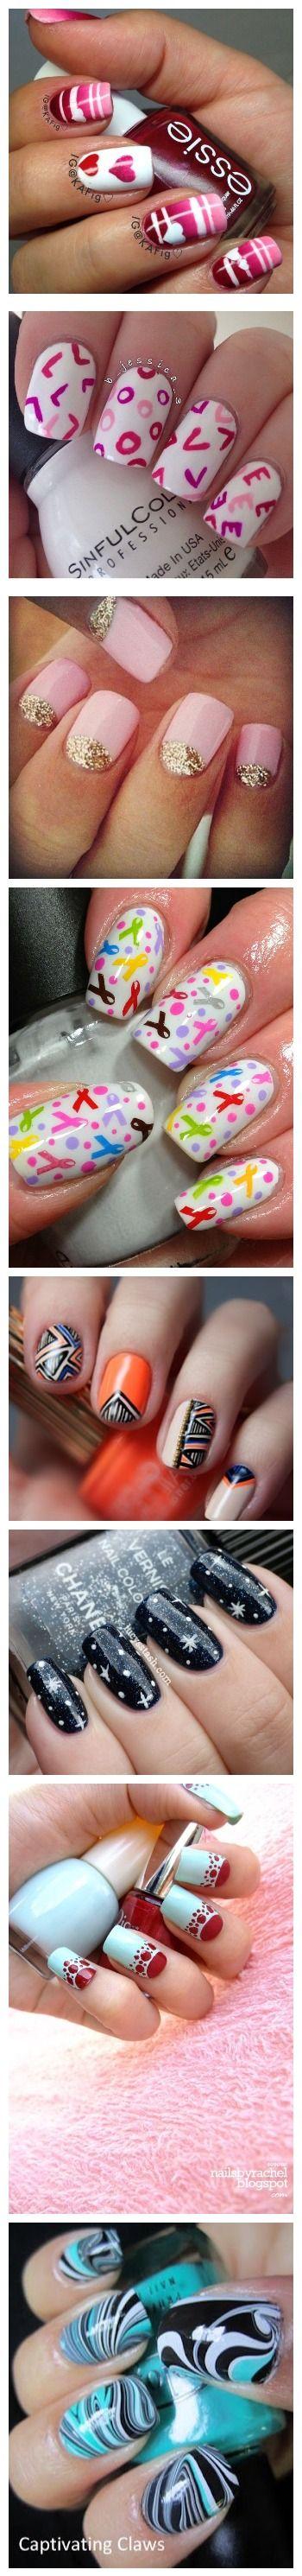 Nail Art Designs - Get Creative